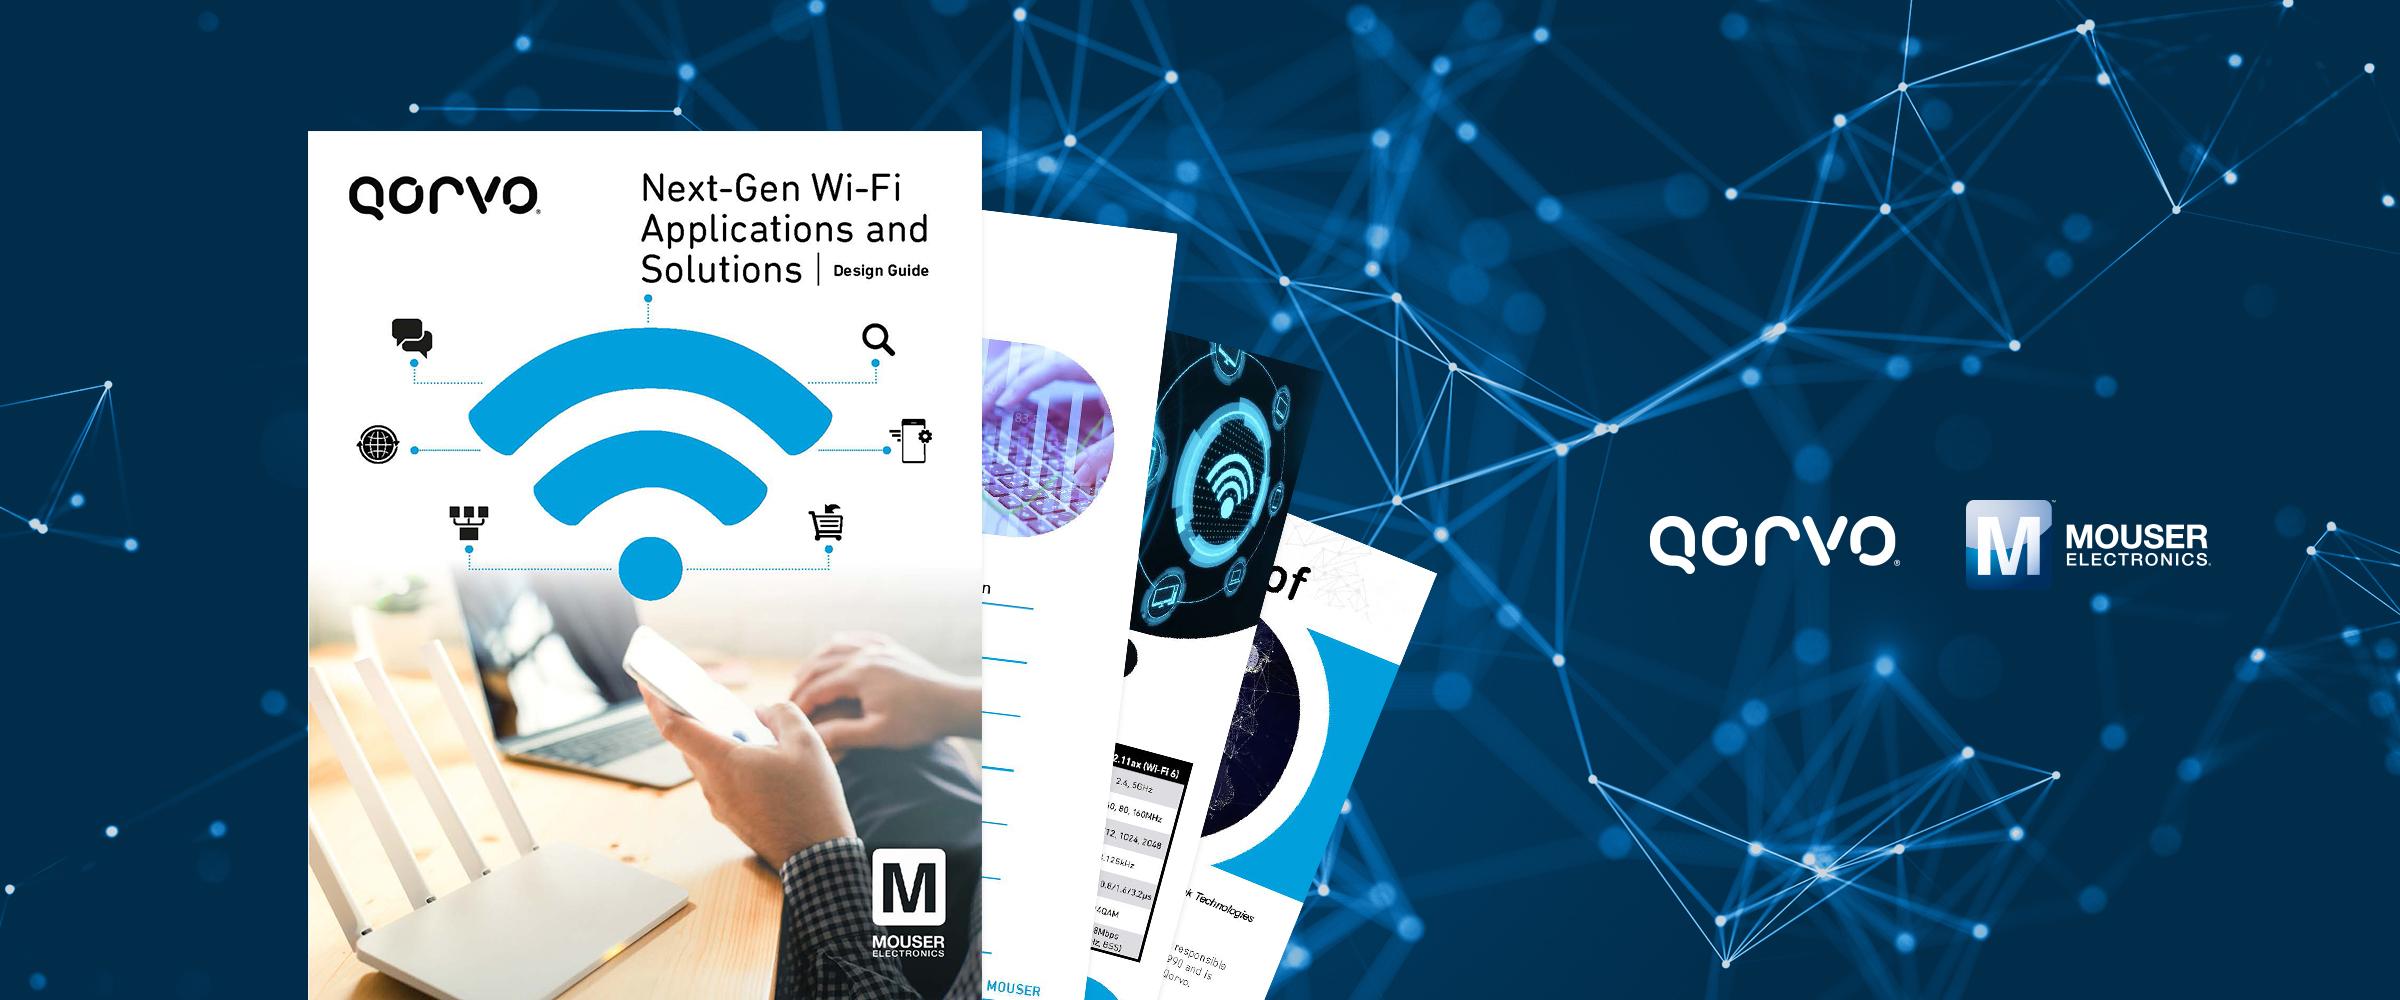 貿澤與Qorvo聯手推出全新電子書聚焦Wi-Fi 6應用與解決方案